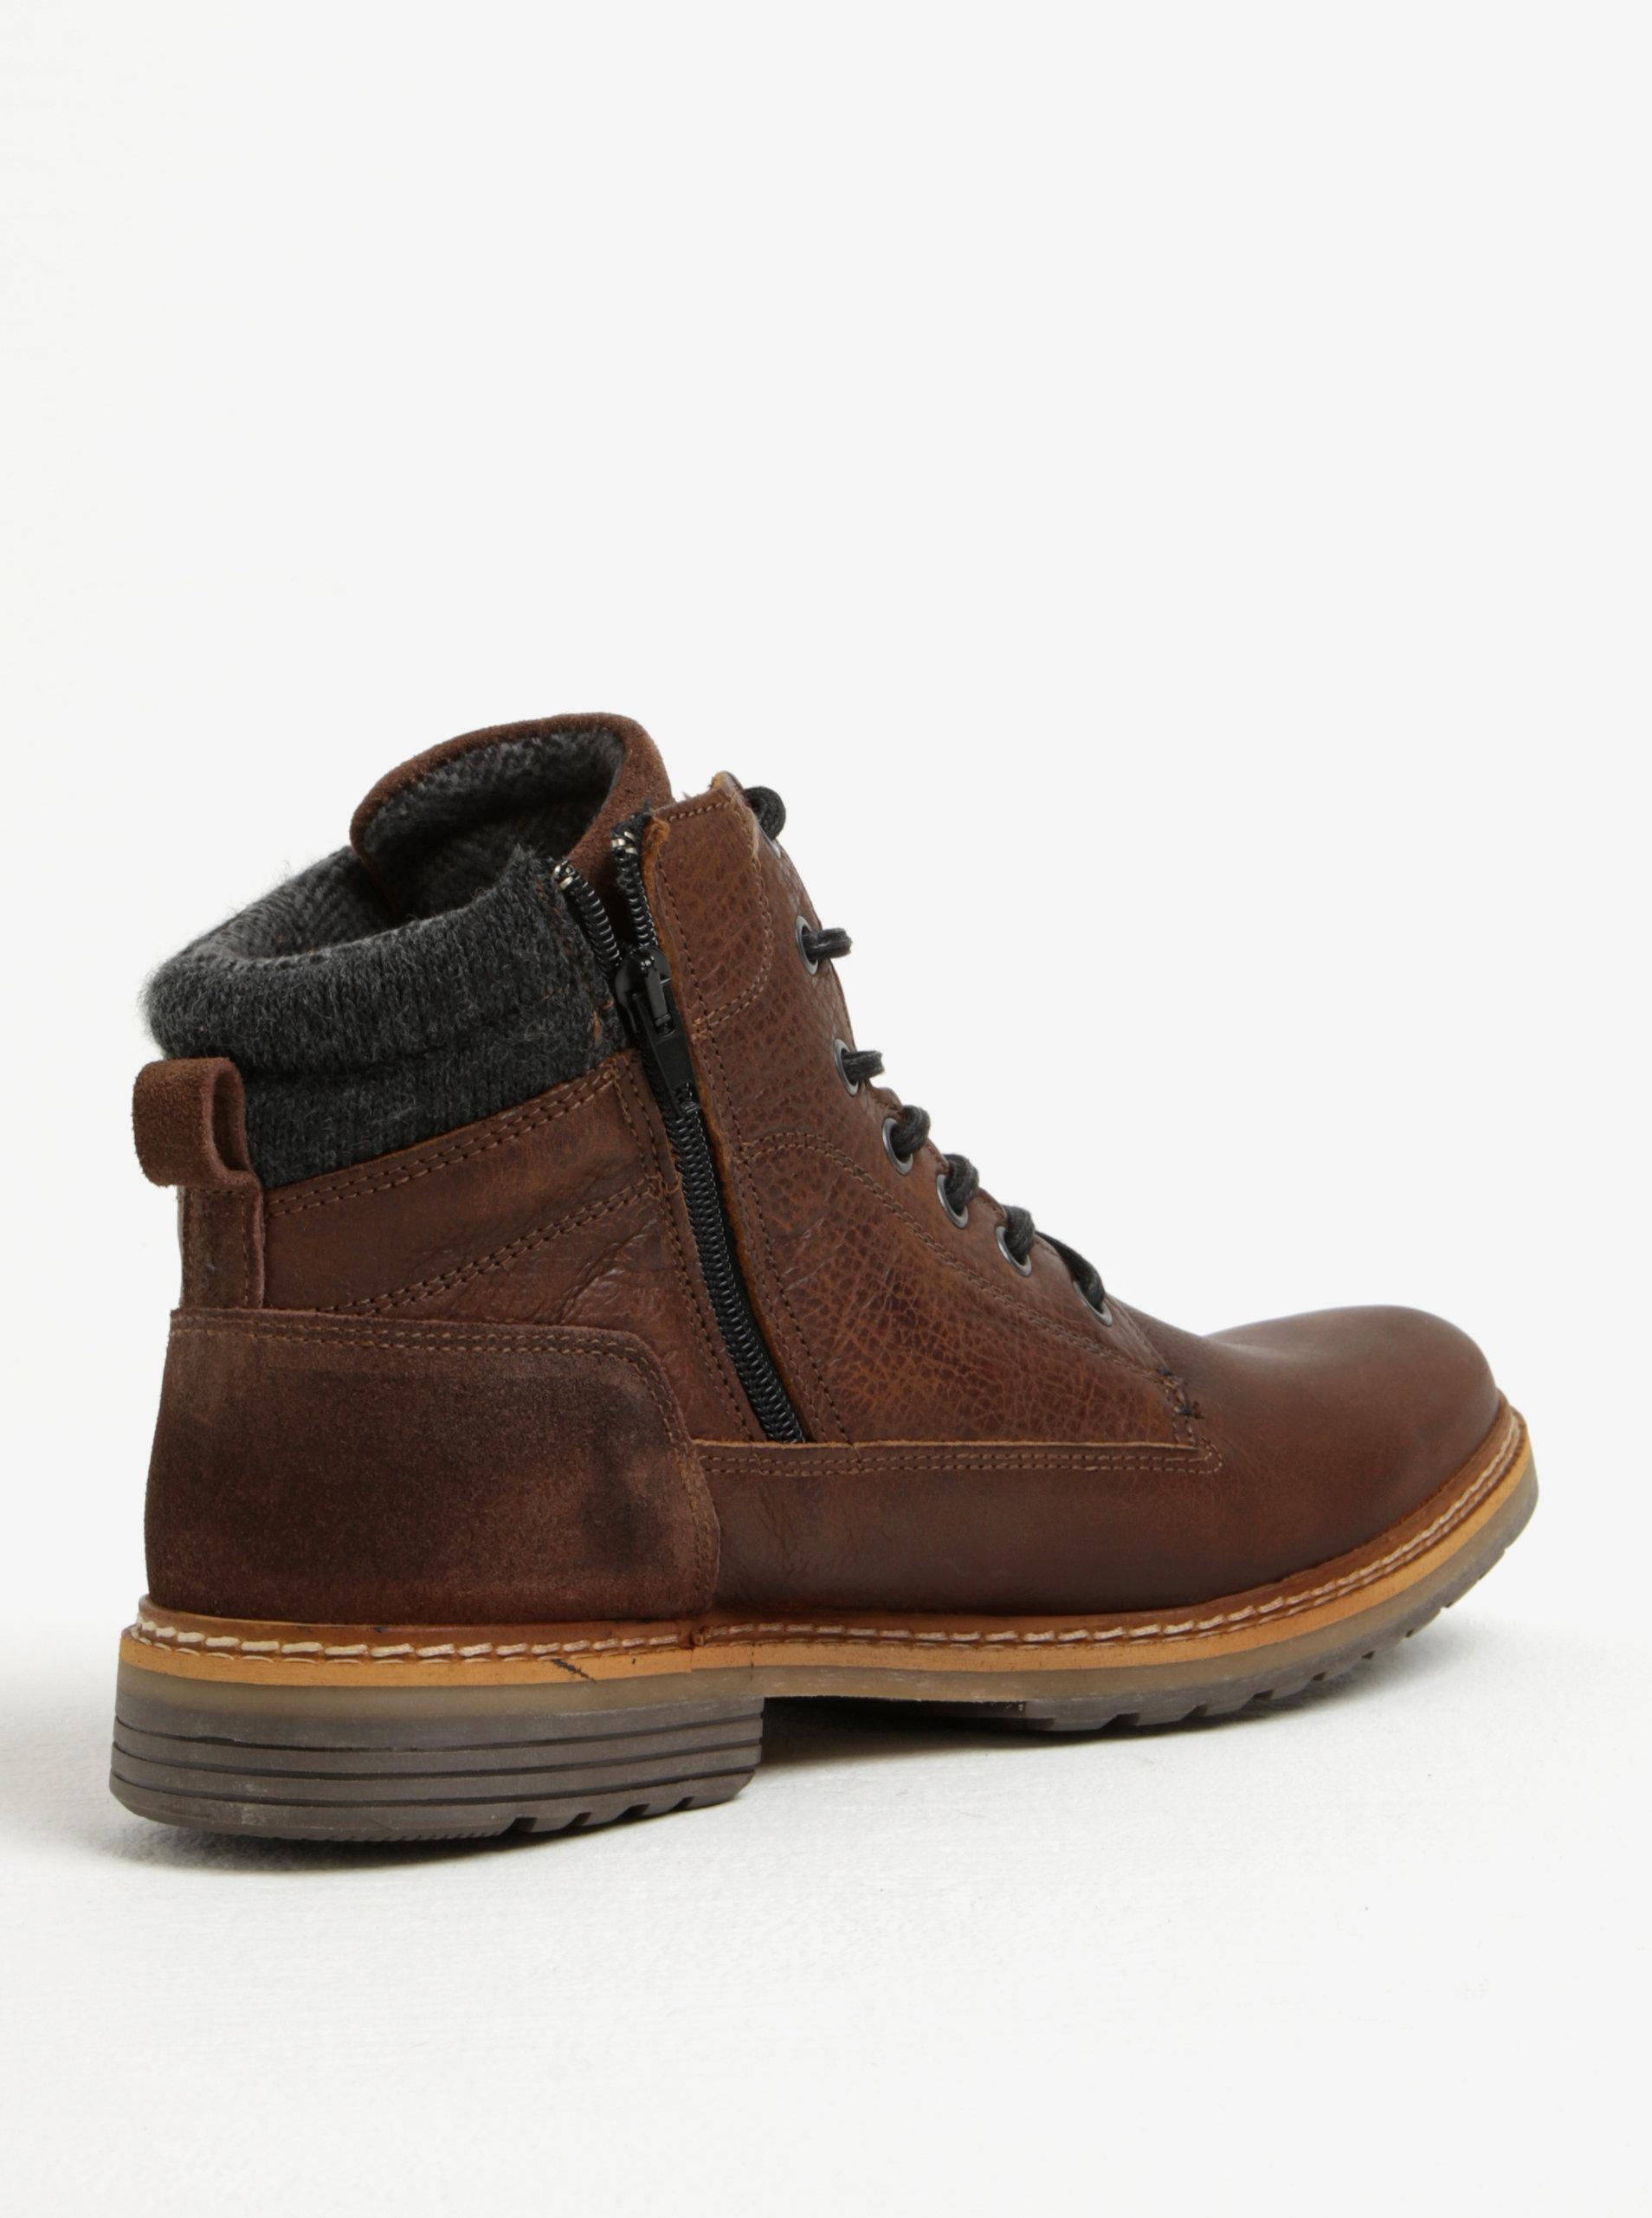 c2398d141d8 Hnědé pánské kožené kotníkové zimní boty na zip Bullboxer ...